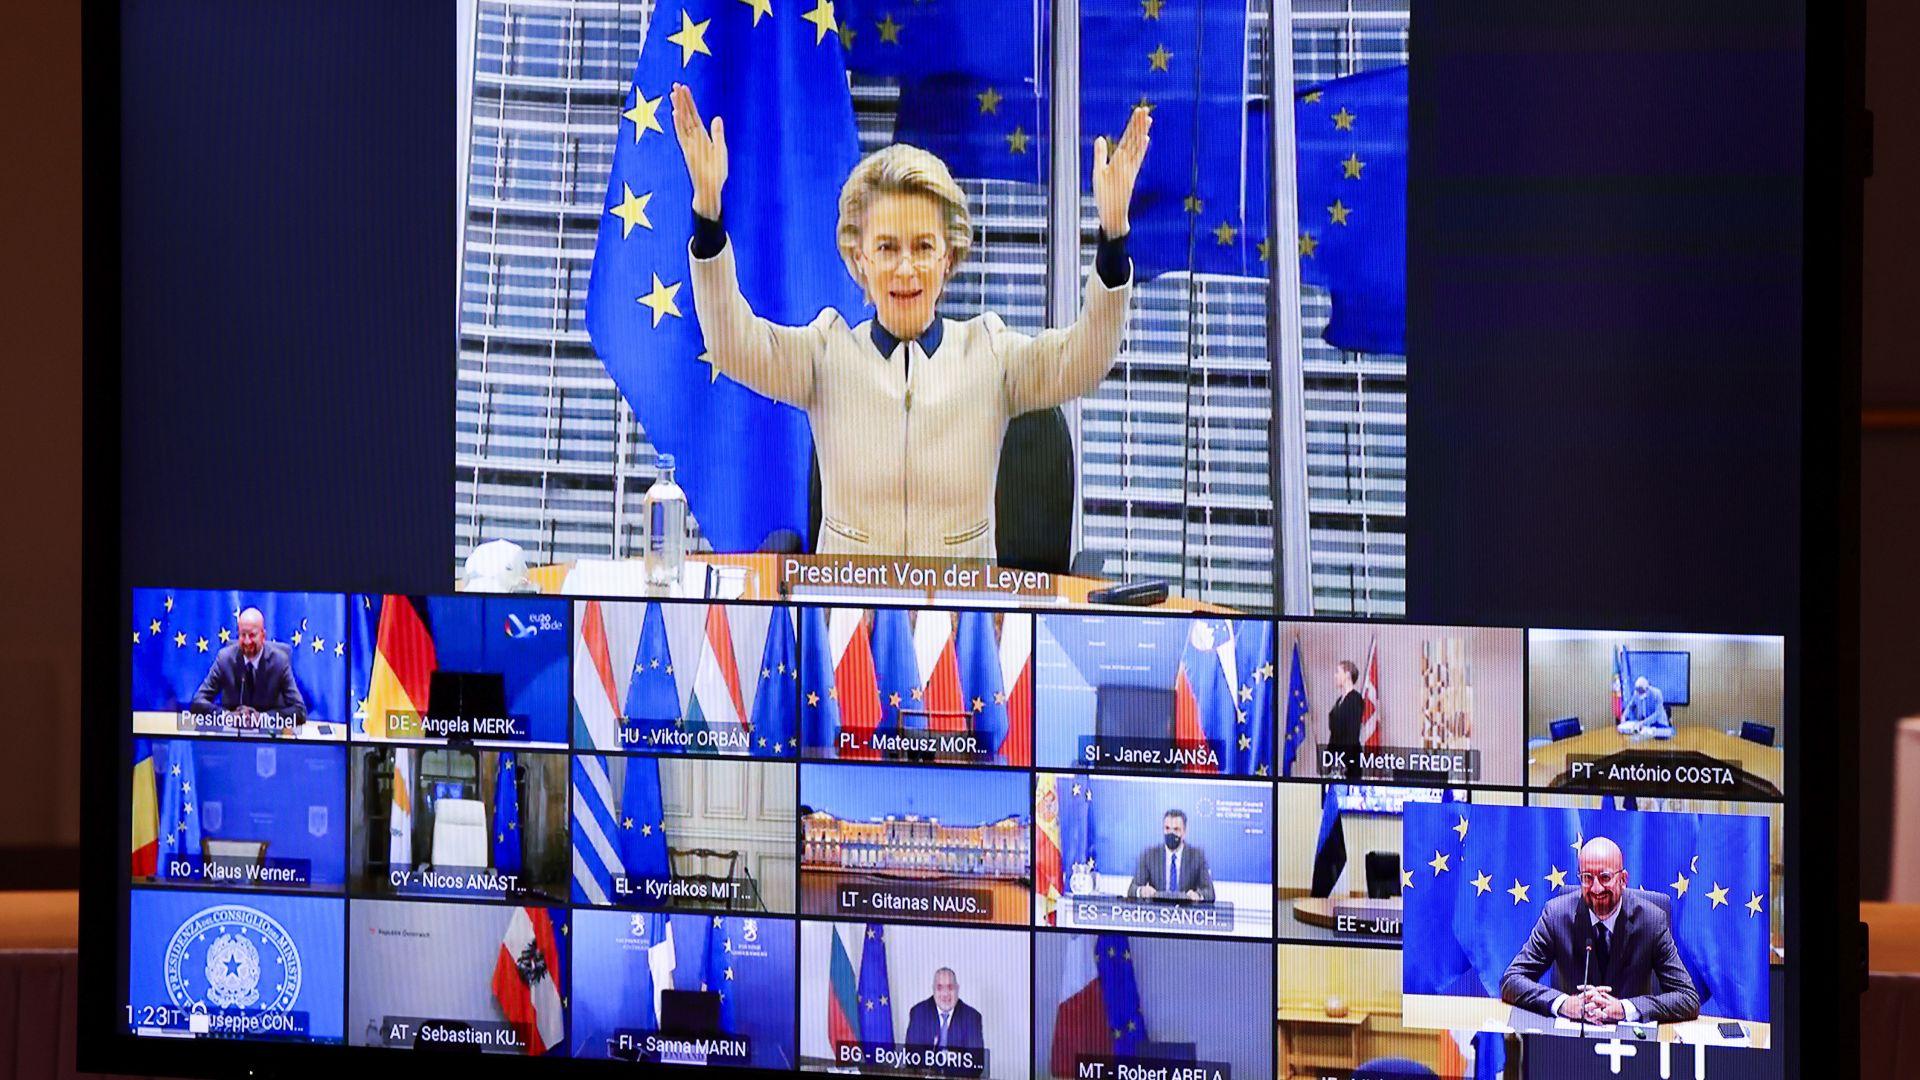 Полша и Унгария са отворени за нови предложения за отключване на европейския бюджет